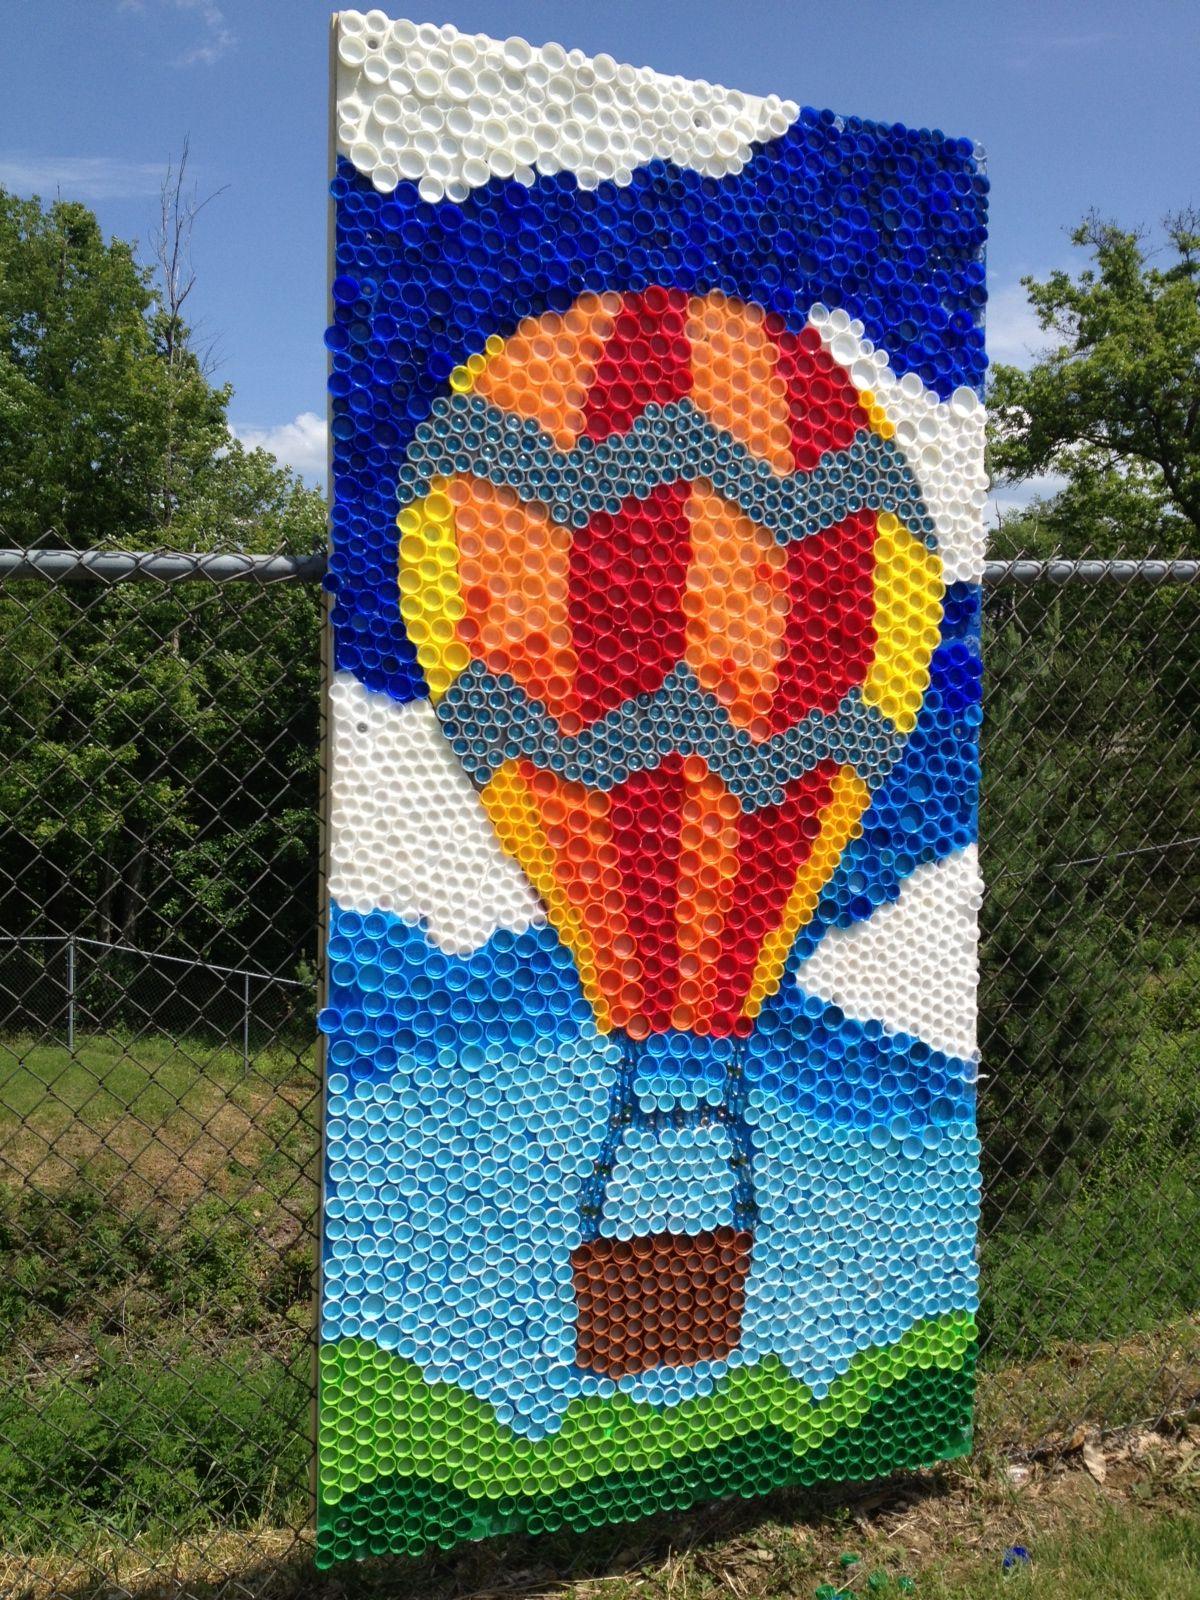 Bottle cap mural art lessons 3 pinterest for Bottle cap mural tutorial